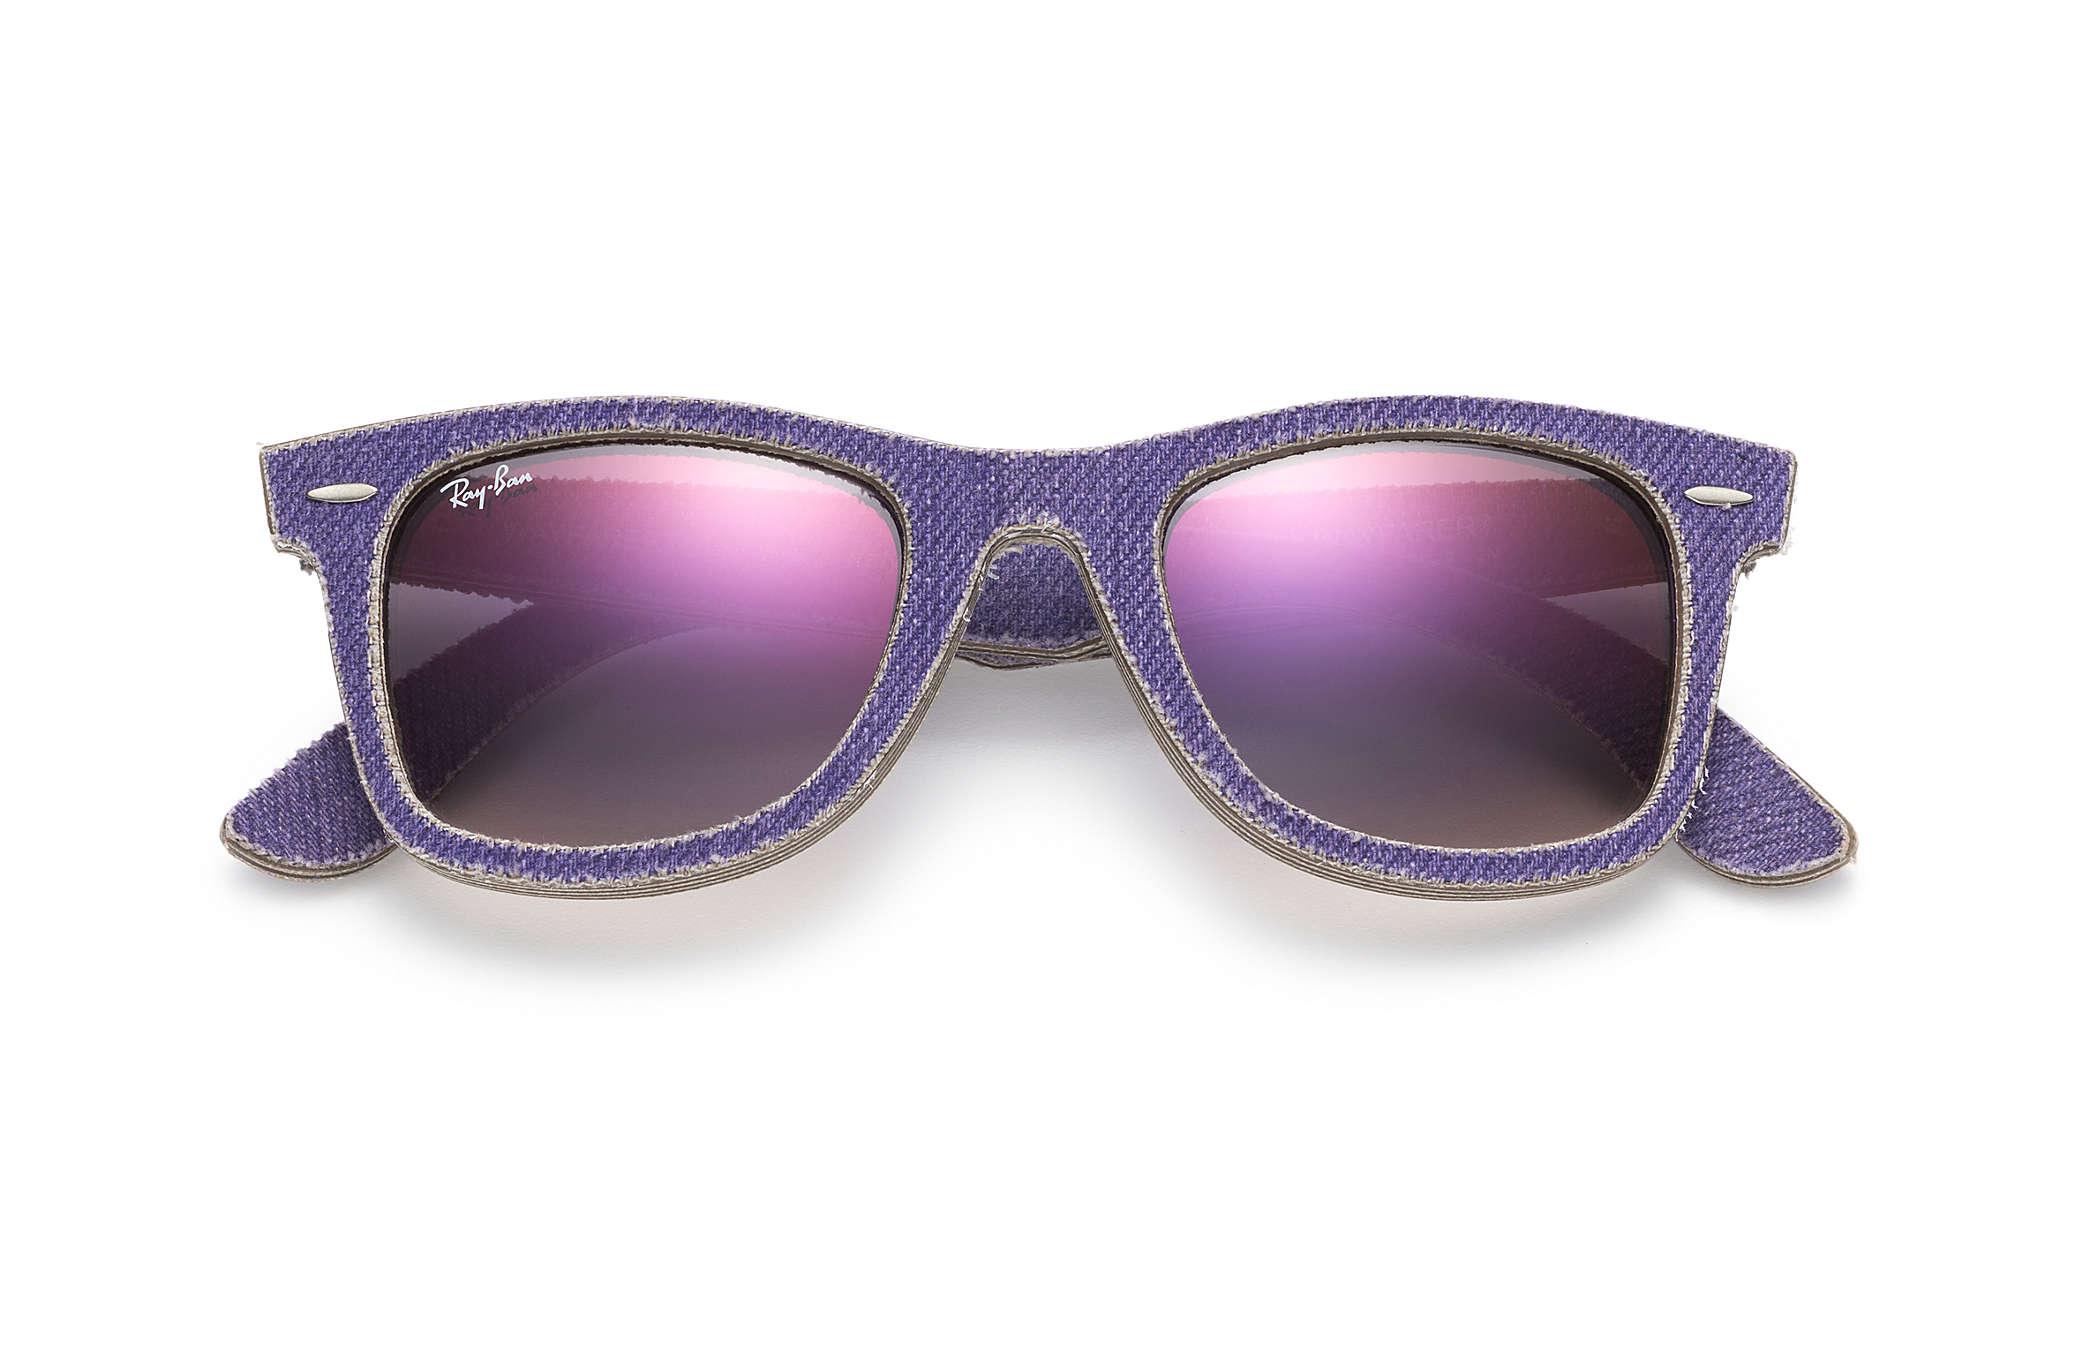 ray ban schwarz violett